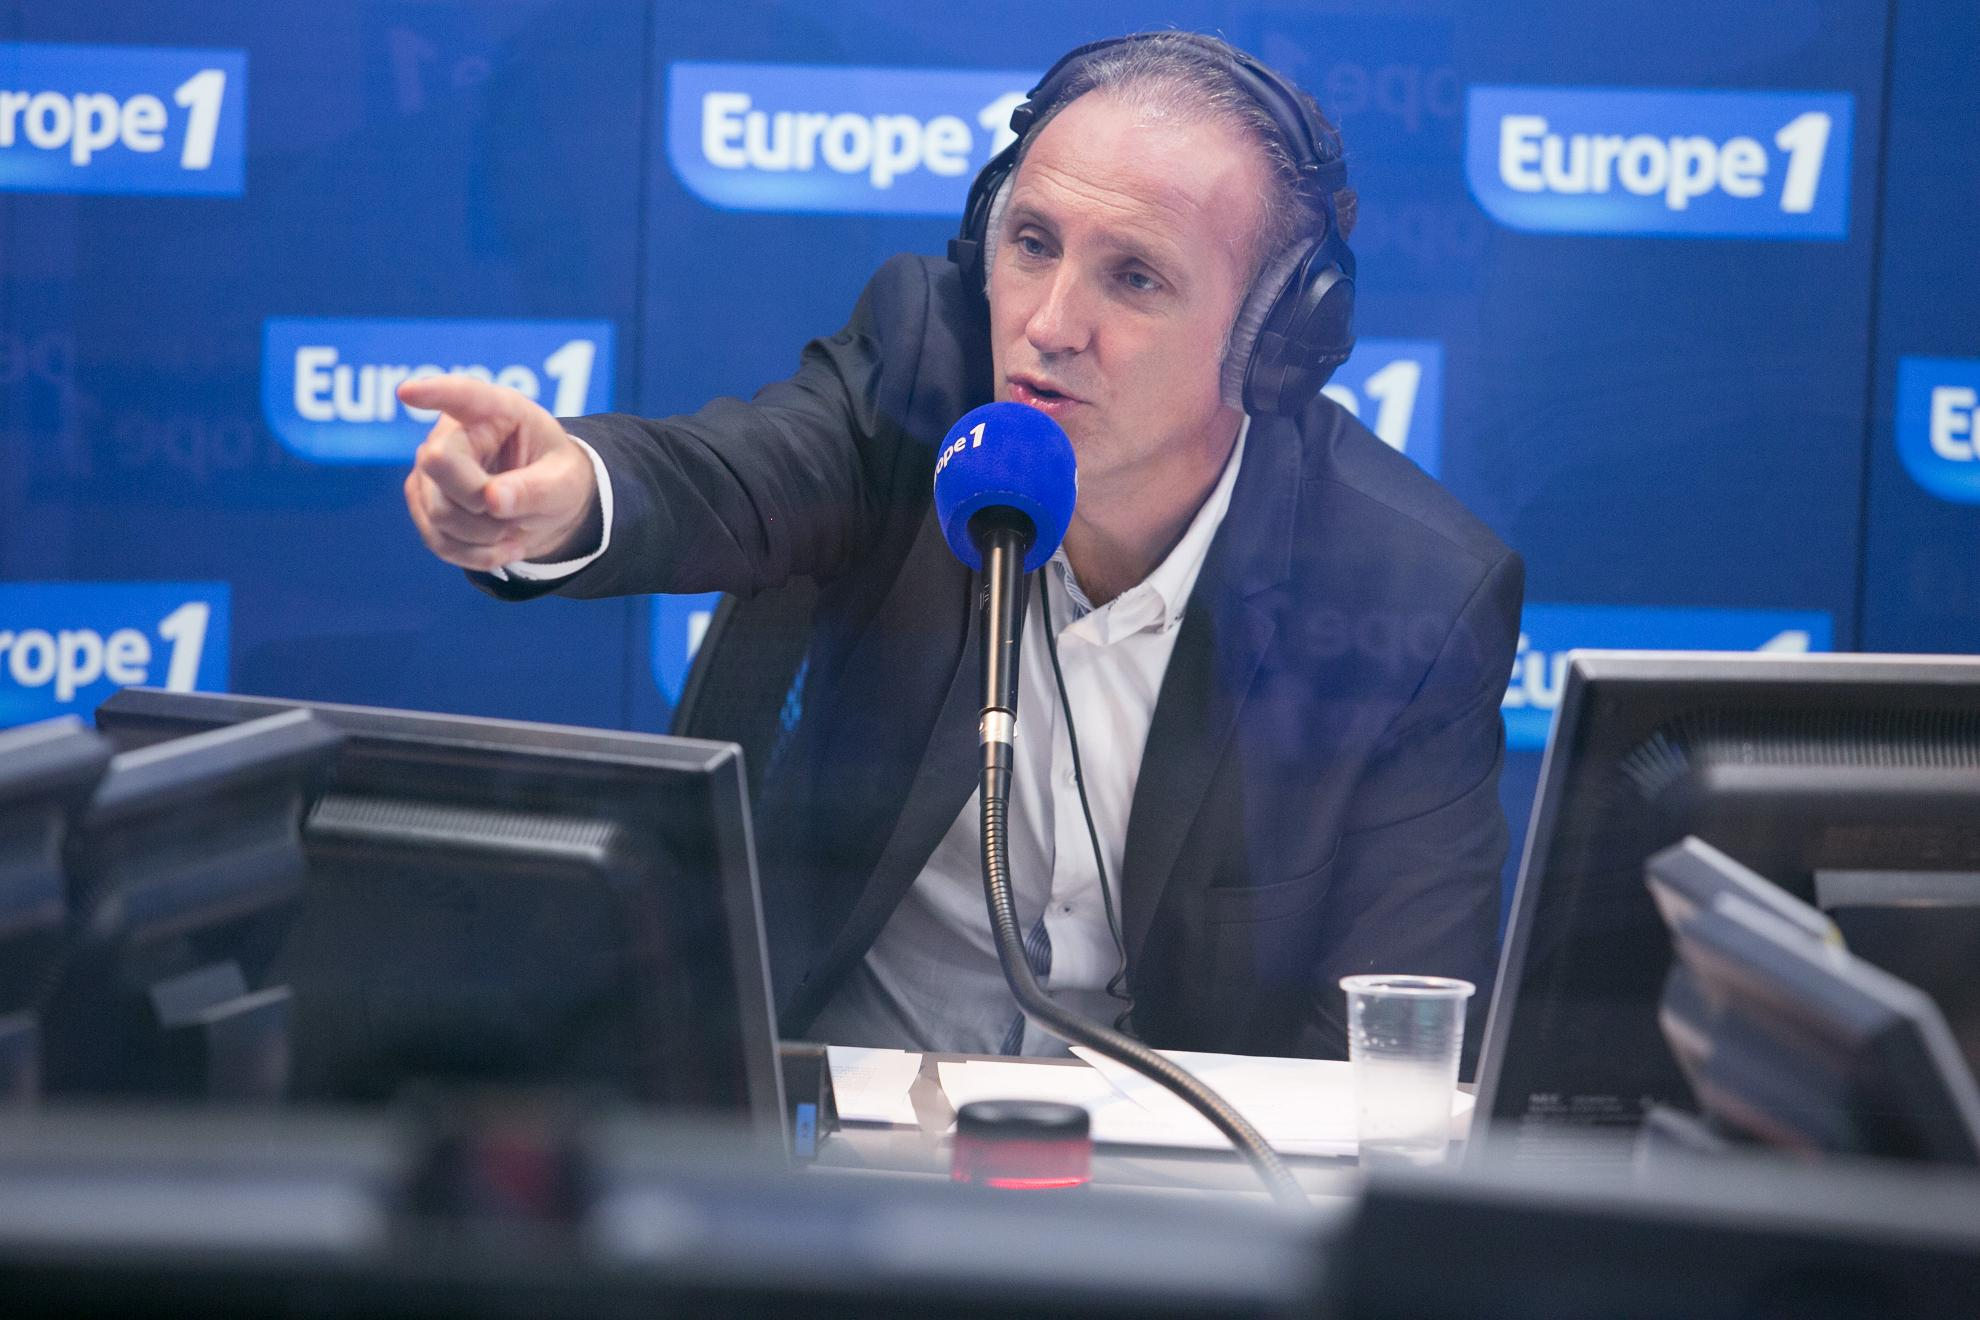 Europe 1 Week-end ce dimanche de 12h à 13h en direct de Lille avec Patrick Roger  qui recevra Martine Aubry